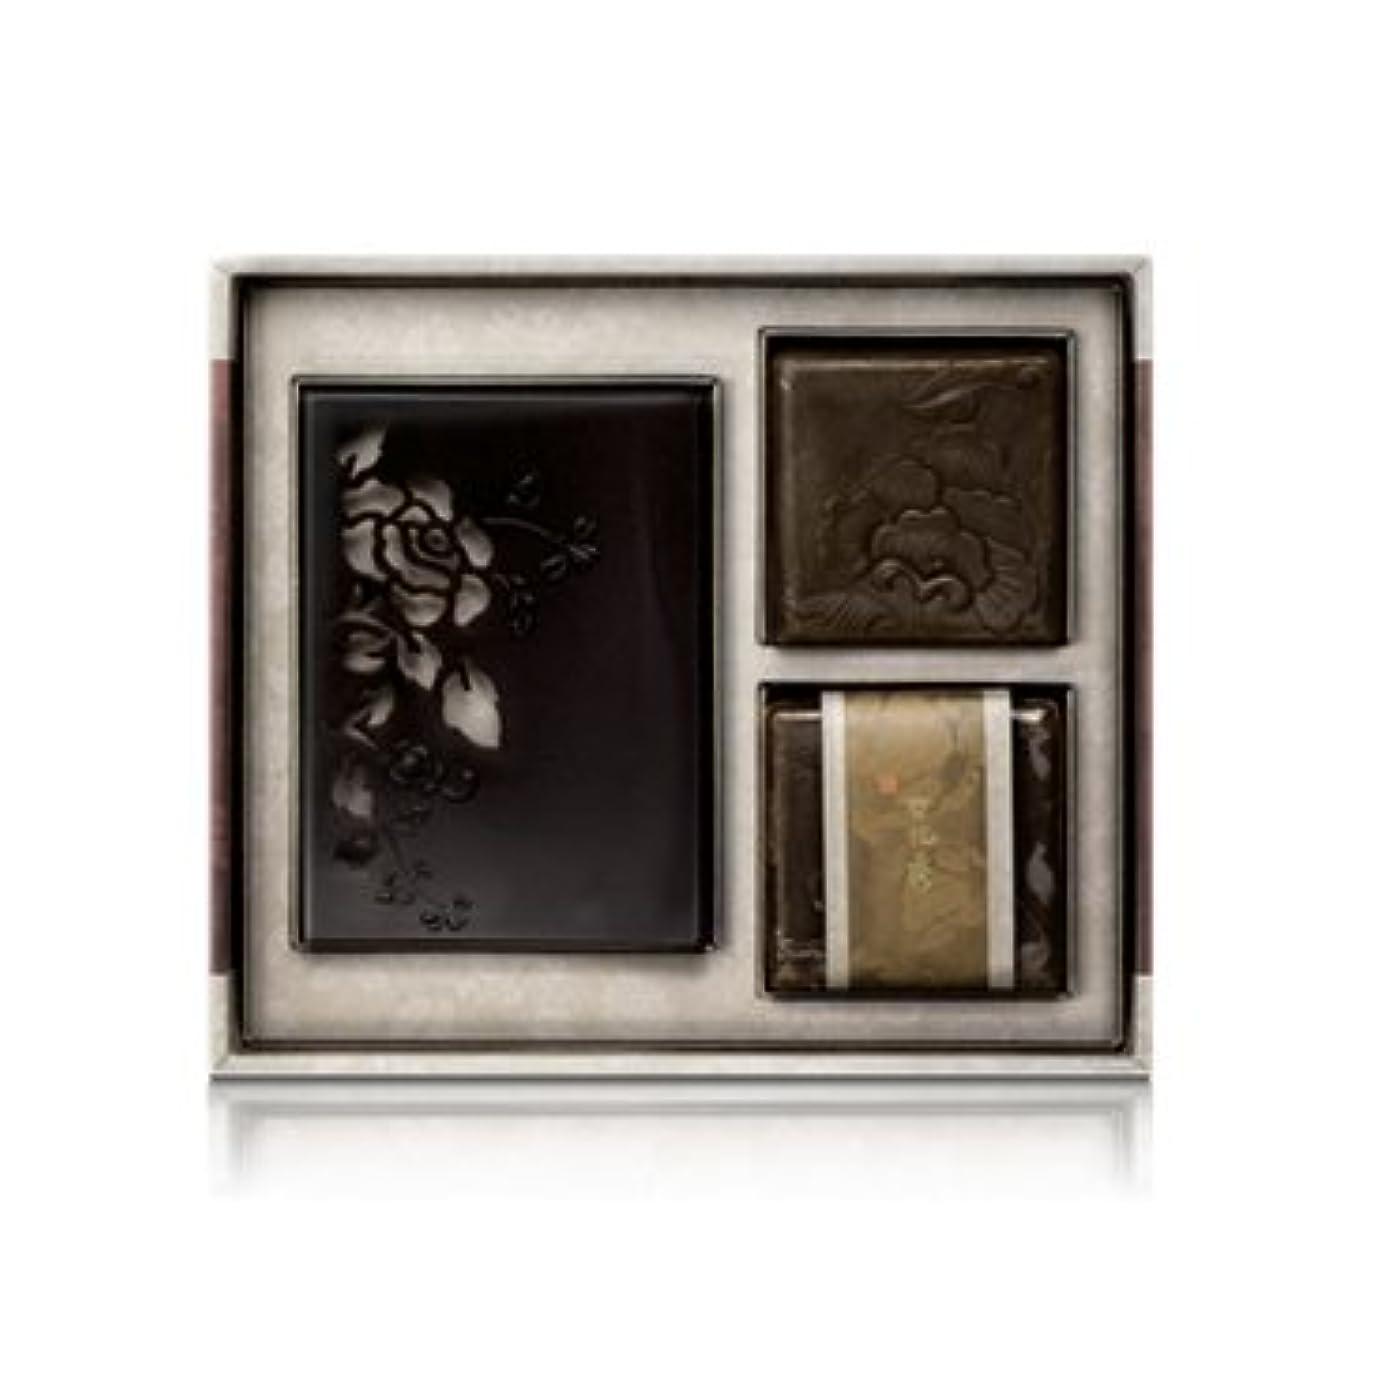 瞬時に多様性なすソラス [雪花秀] 宮中石鹸 (100g * 2個+ケース) 1748